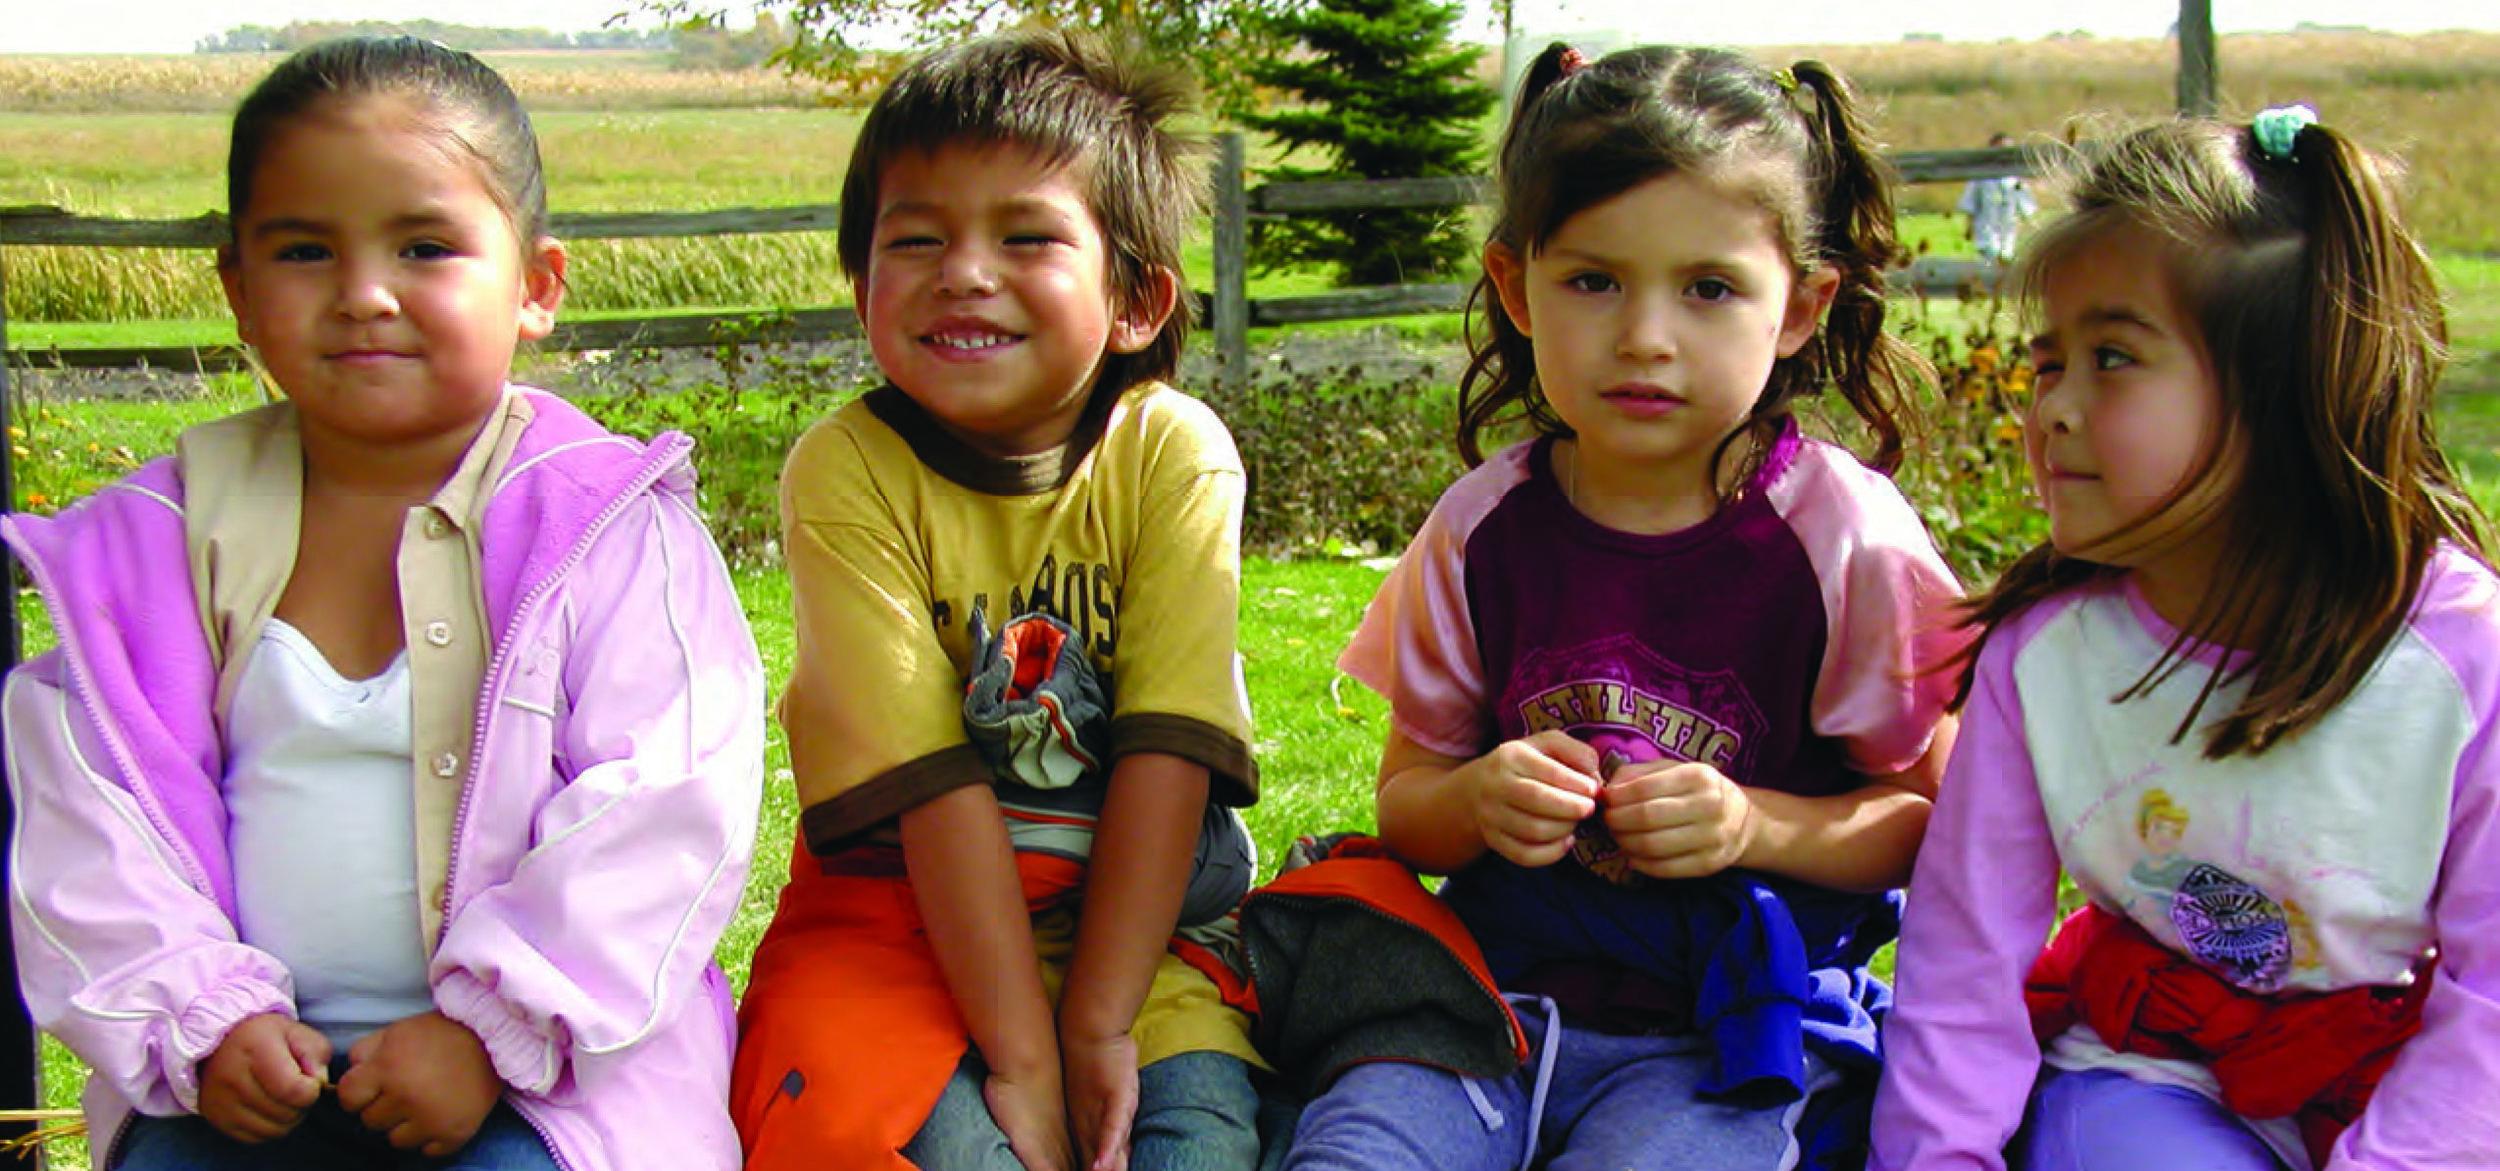 american-indian-education-in-wi-2.jpg